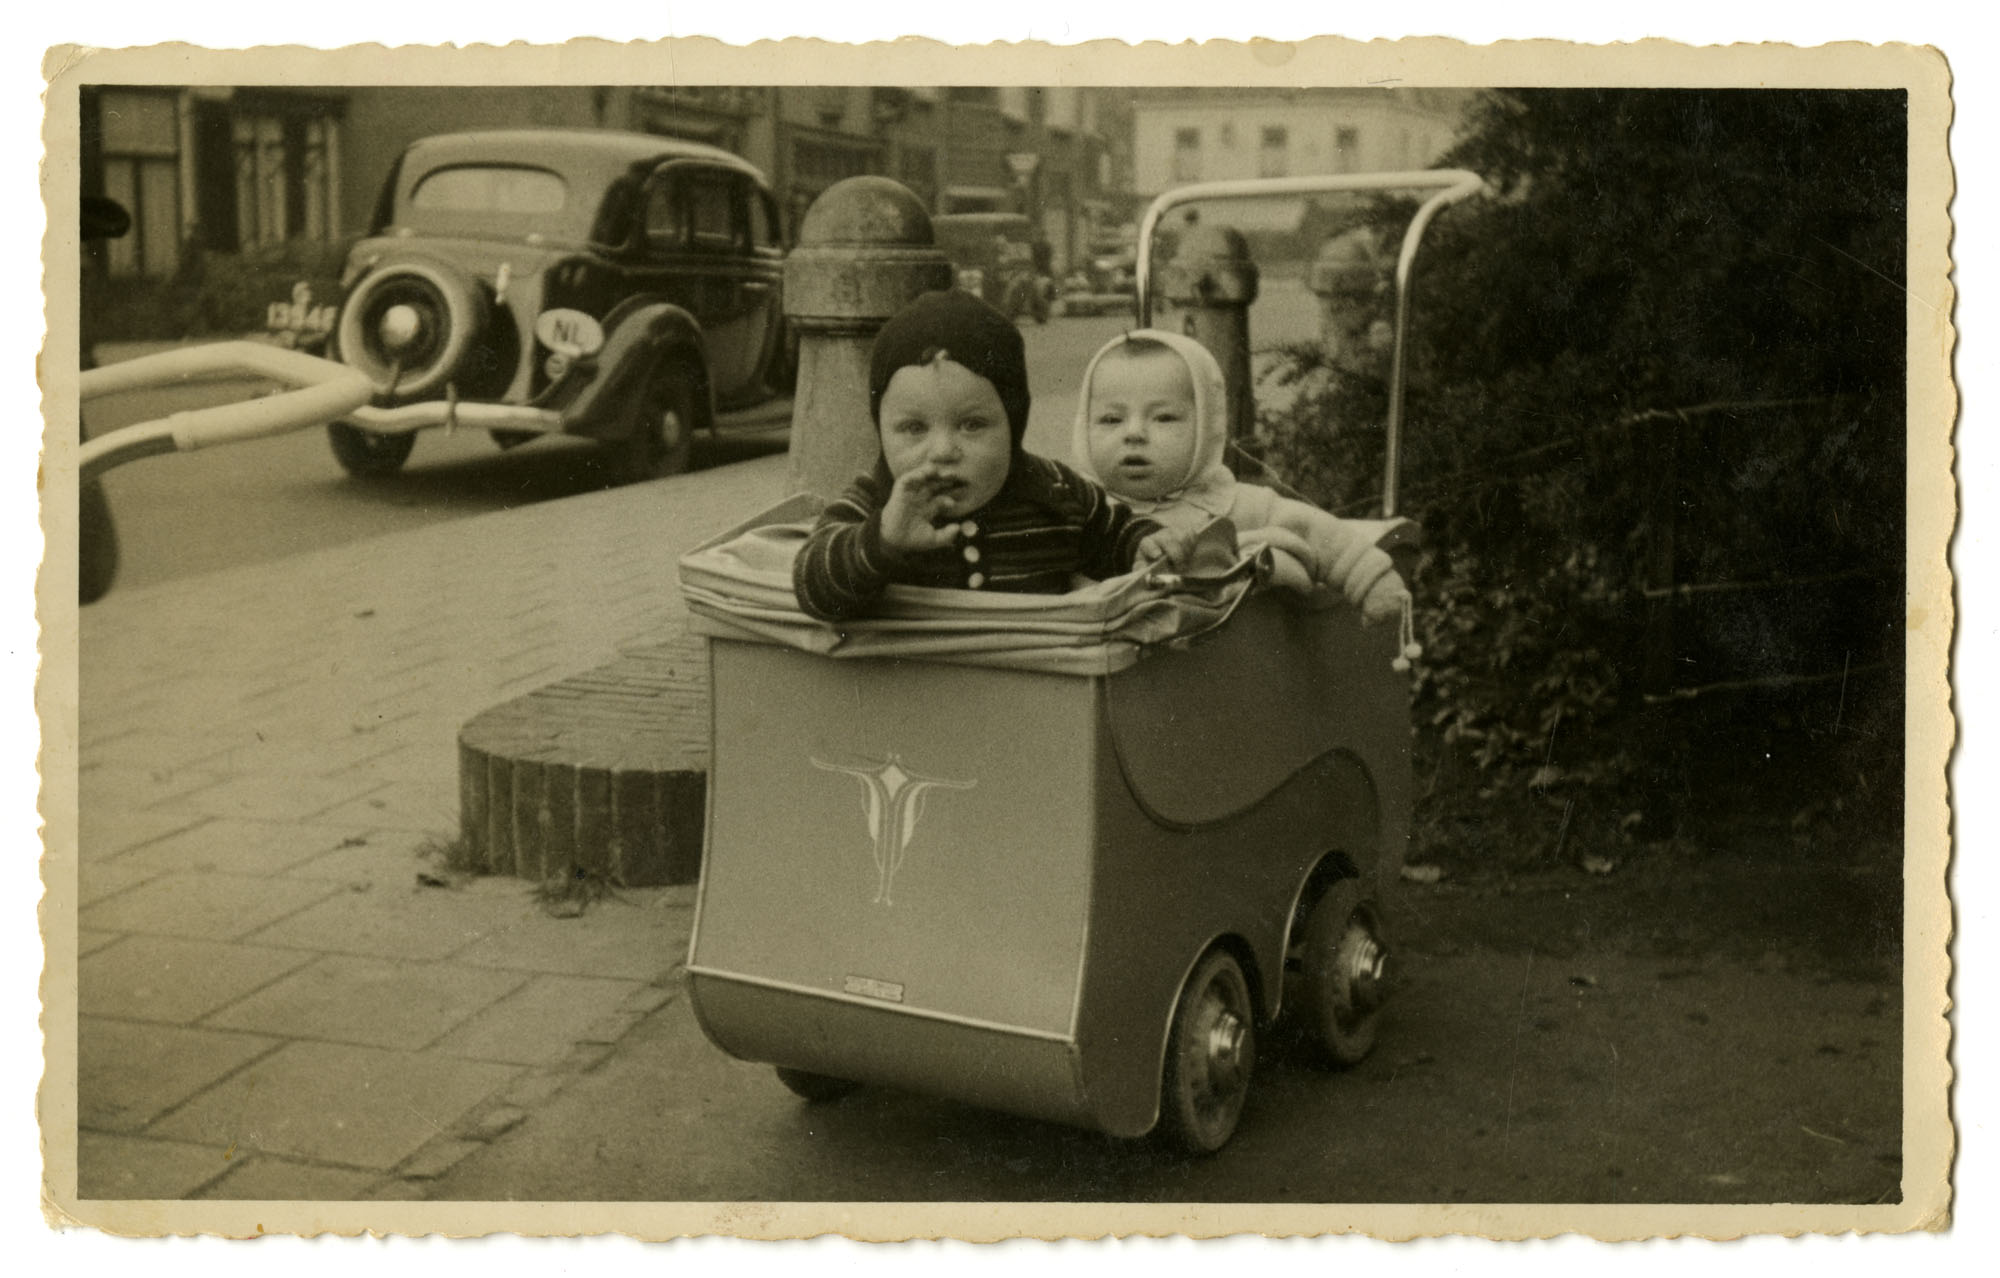 Gabriel DeLeeuw and Dientje Krant, 1939